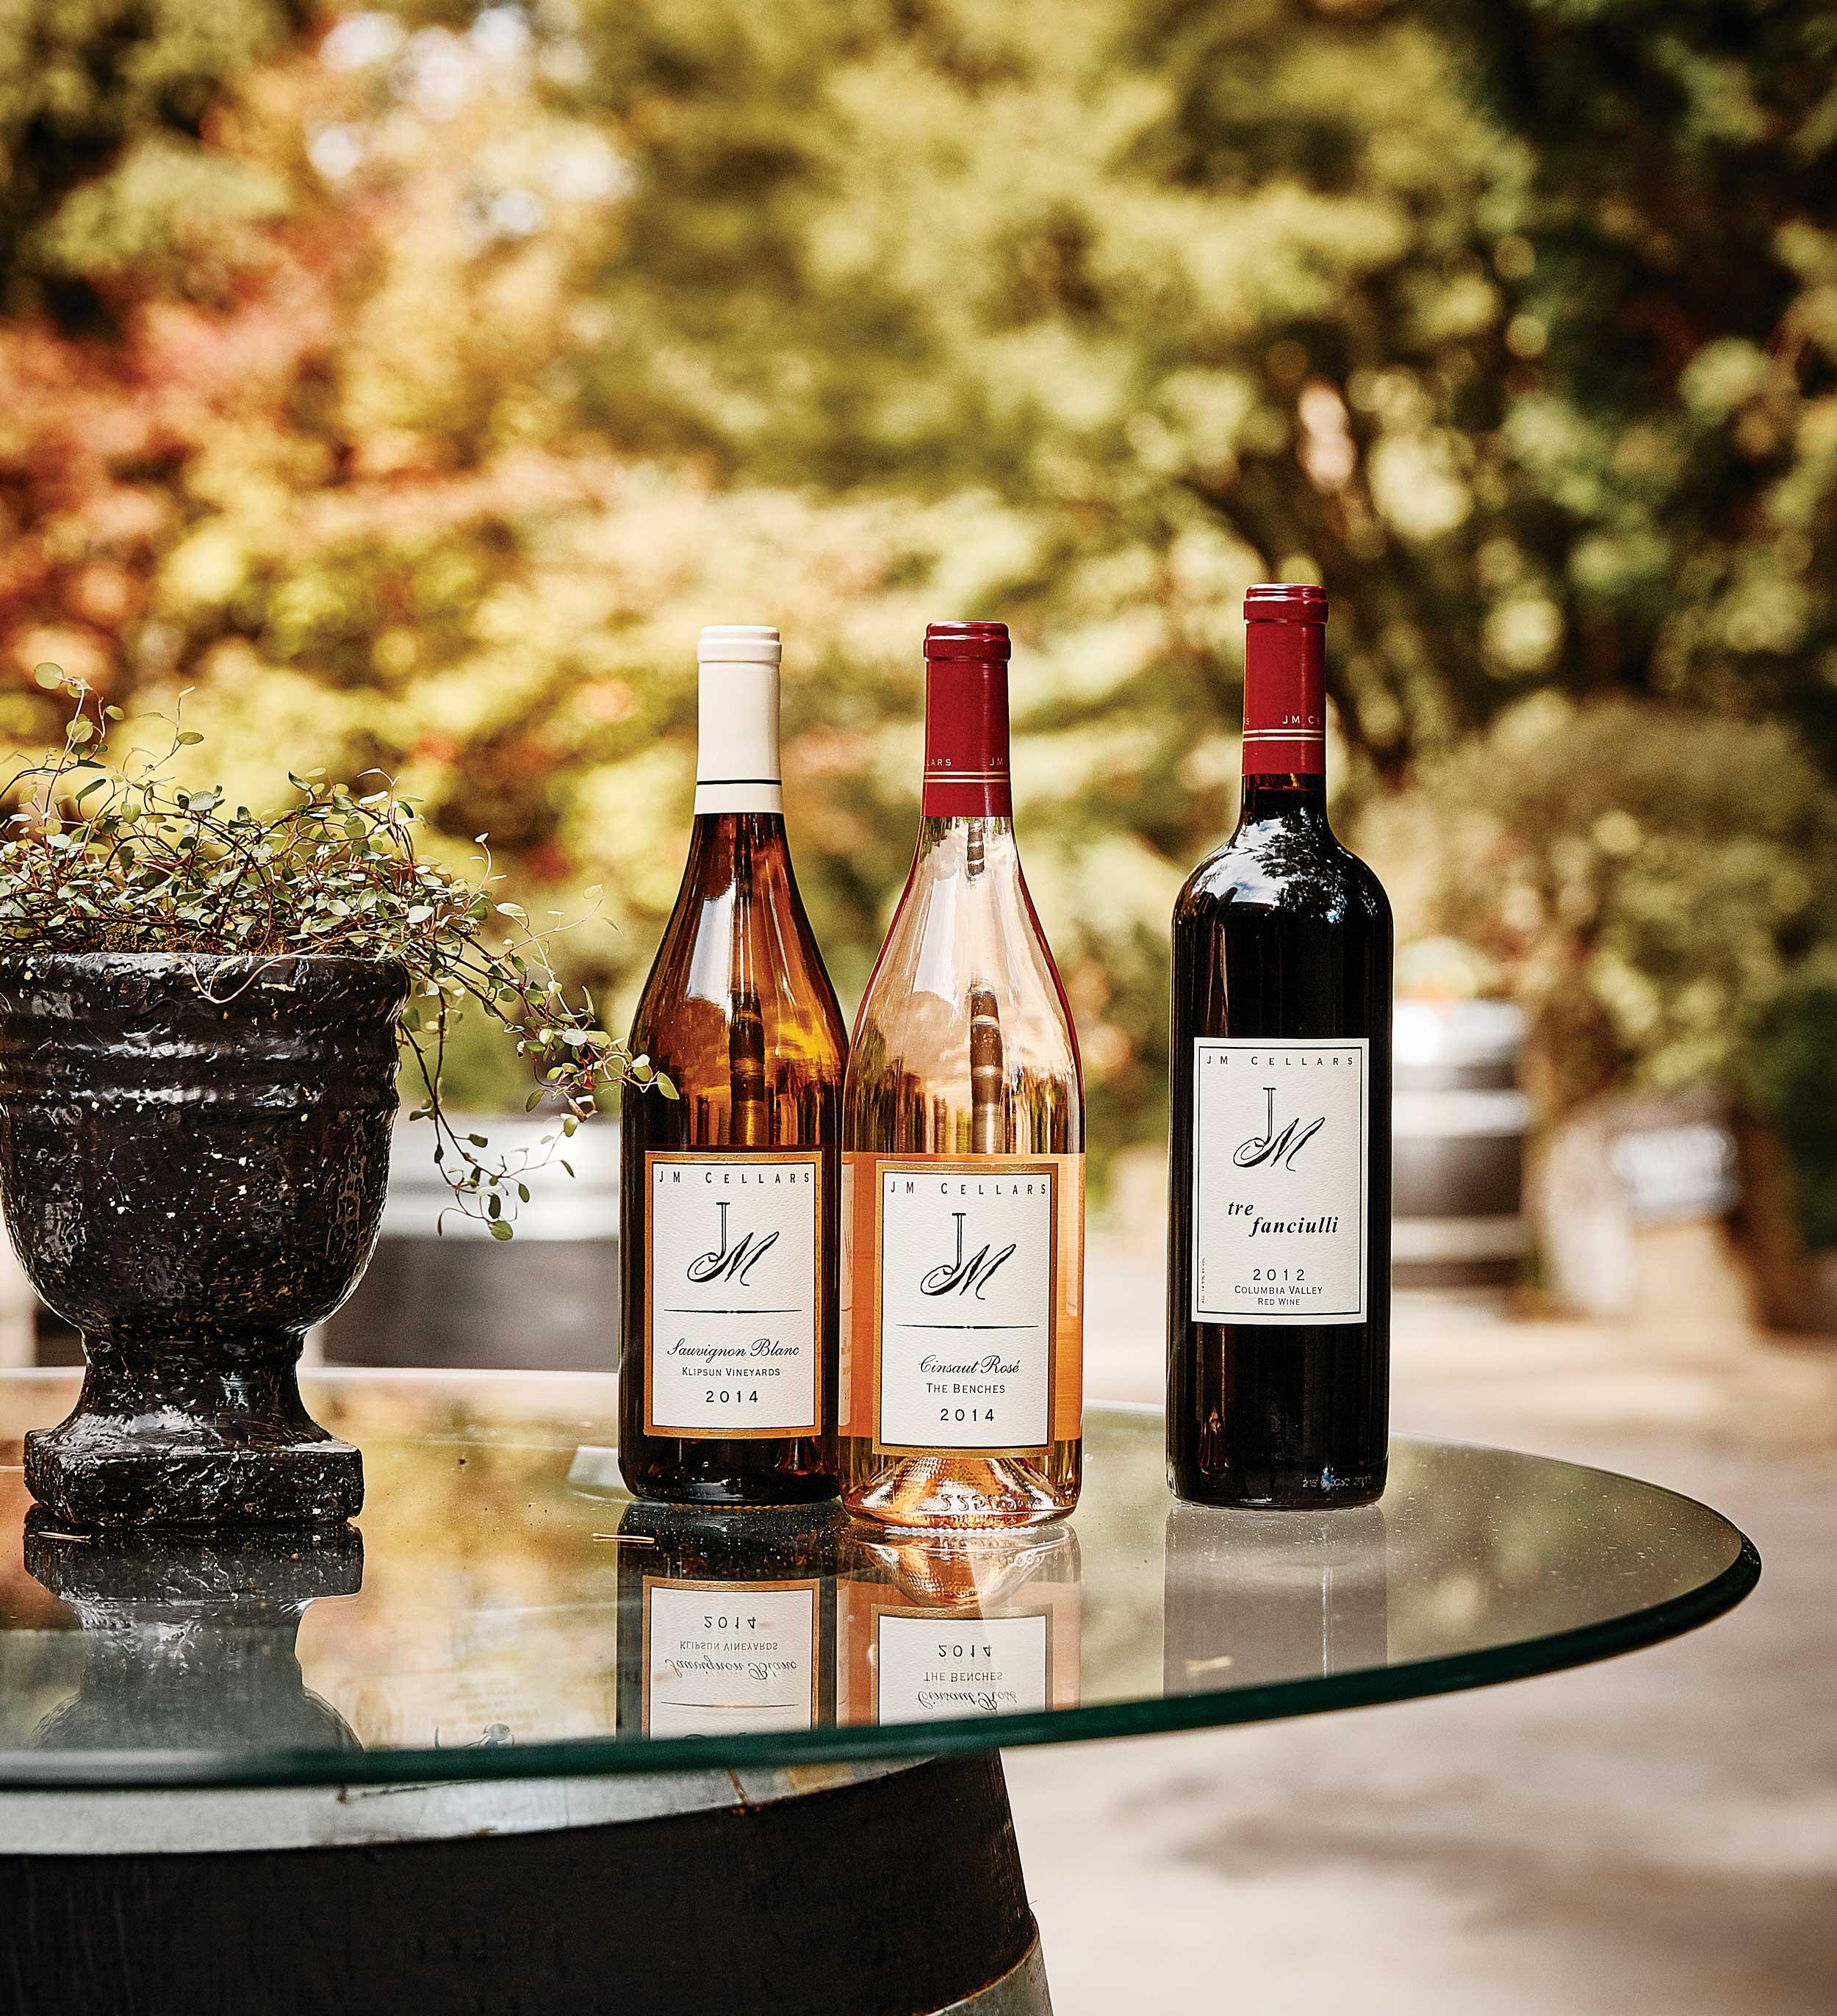 제이엠 셀러스의 대표 와인. 1만 명이 넘는 회원들로 인해 판매가 빨리 마감된다. © 심윤석